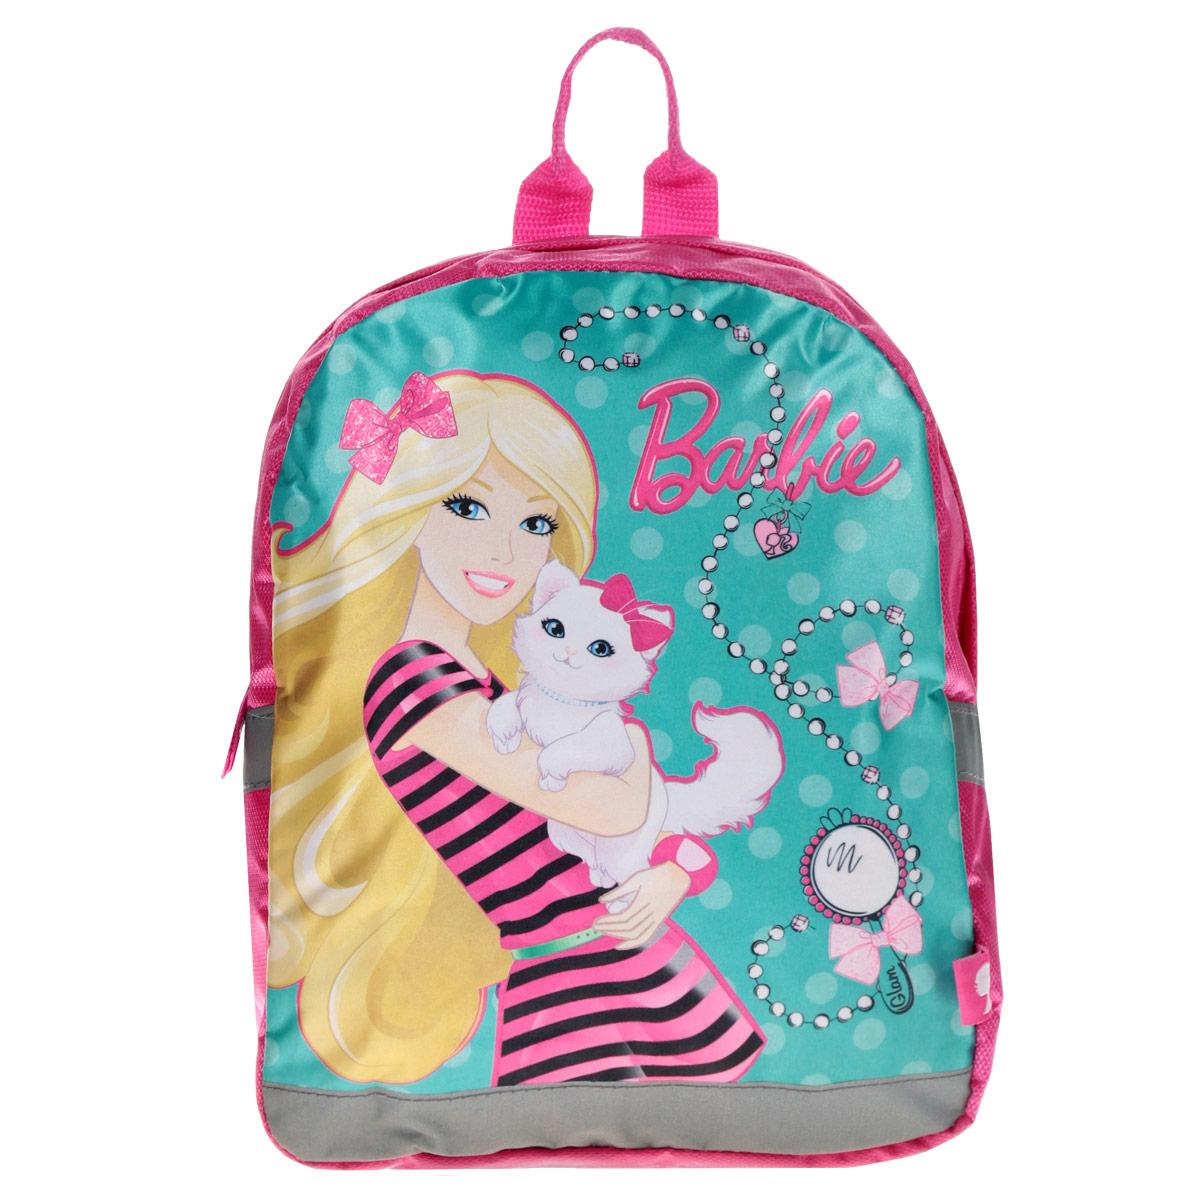 Рюкзак детский Barbie, цвет: розовый. BRAP-UT-541BRAP-UT-541Детский рюкзак Barbie - это незаменимая вещь для прогулок и повседневных дел, в нем можно разместить самые важные вещи. Пусть у вашего ребенка тоже будет свой собственный рюкзак. Выполнен рюкзак из прочных и безопасных материалов. Передняя панель украшена ярким изображением куклы Барби. У модели одно вместительное отделение на застежке-молнии. Широкие лямки можно свободно регулировать по длине в зависимости от роста ребенка. Рюкзак оснащен текстильной ручкой для переноски в руке. Светоотражающие элементы обеспечивают безопасность в темное время суток.